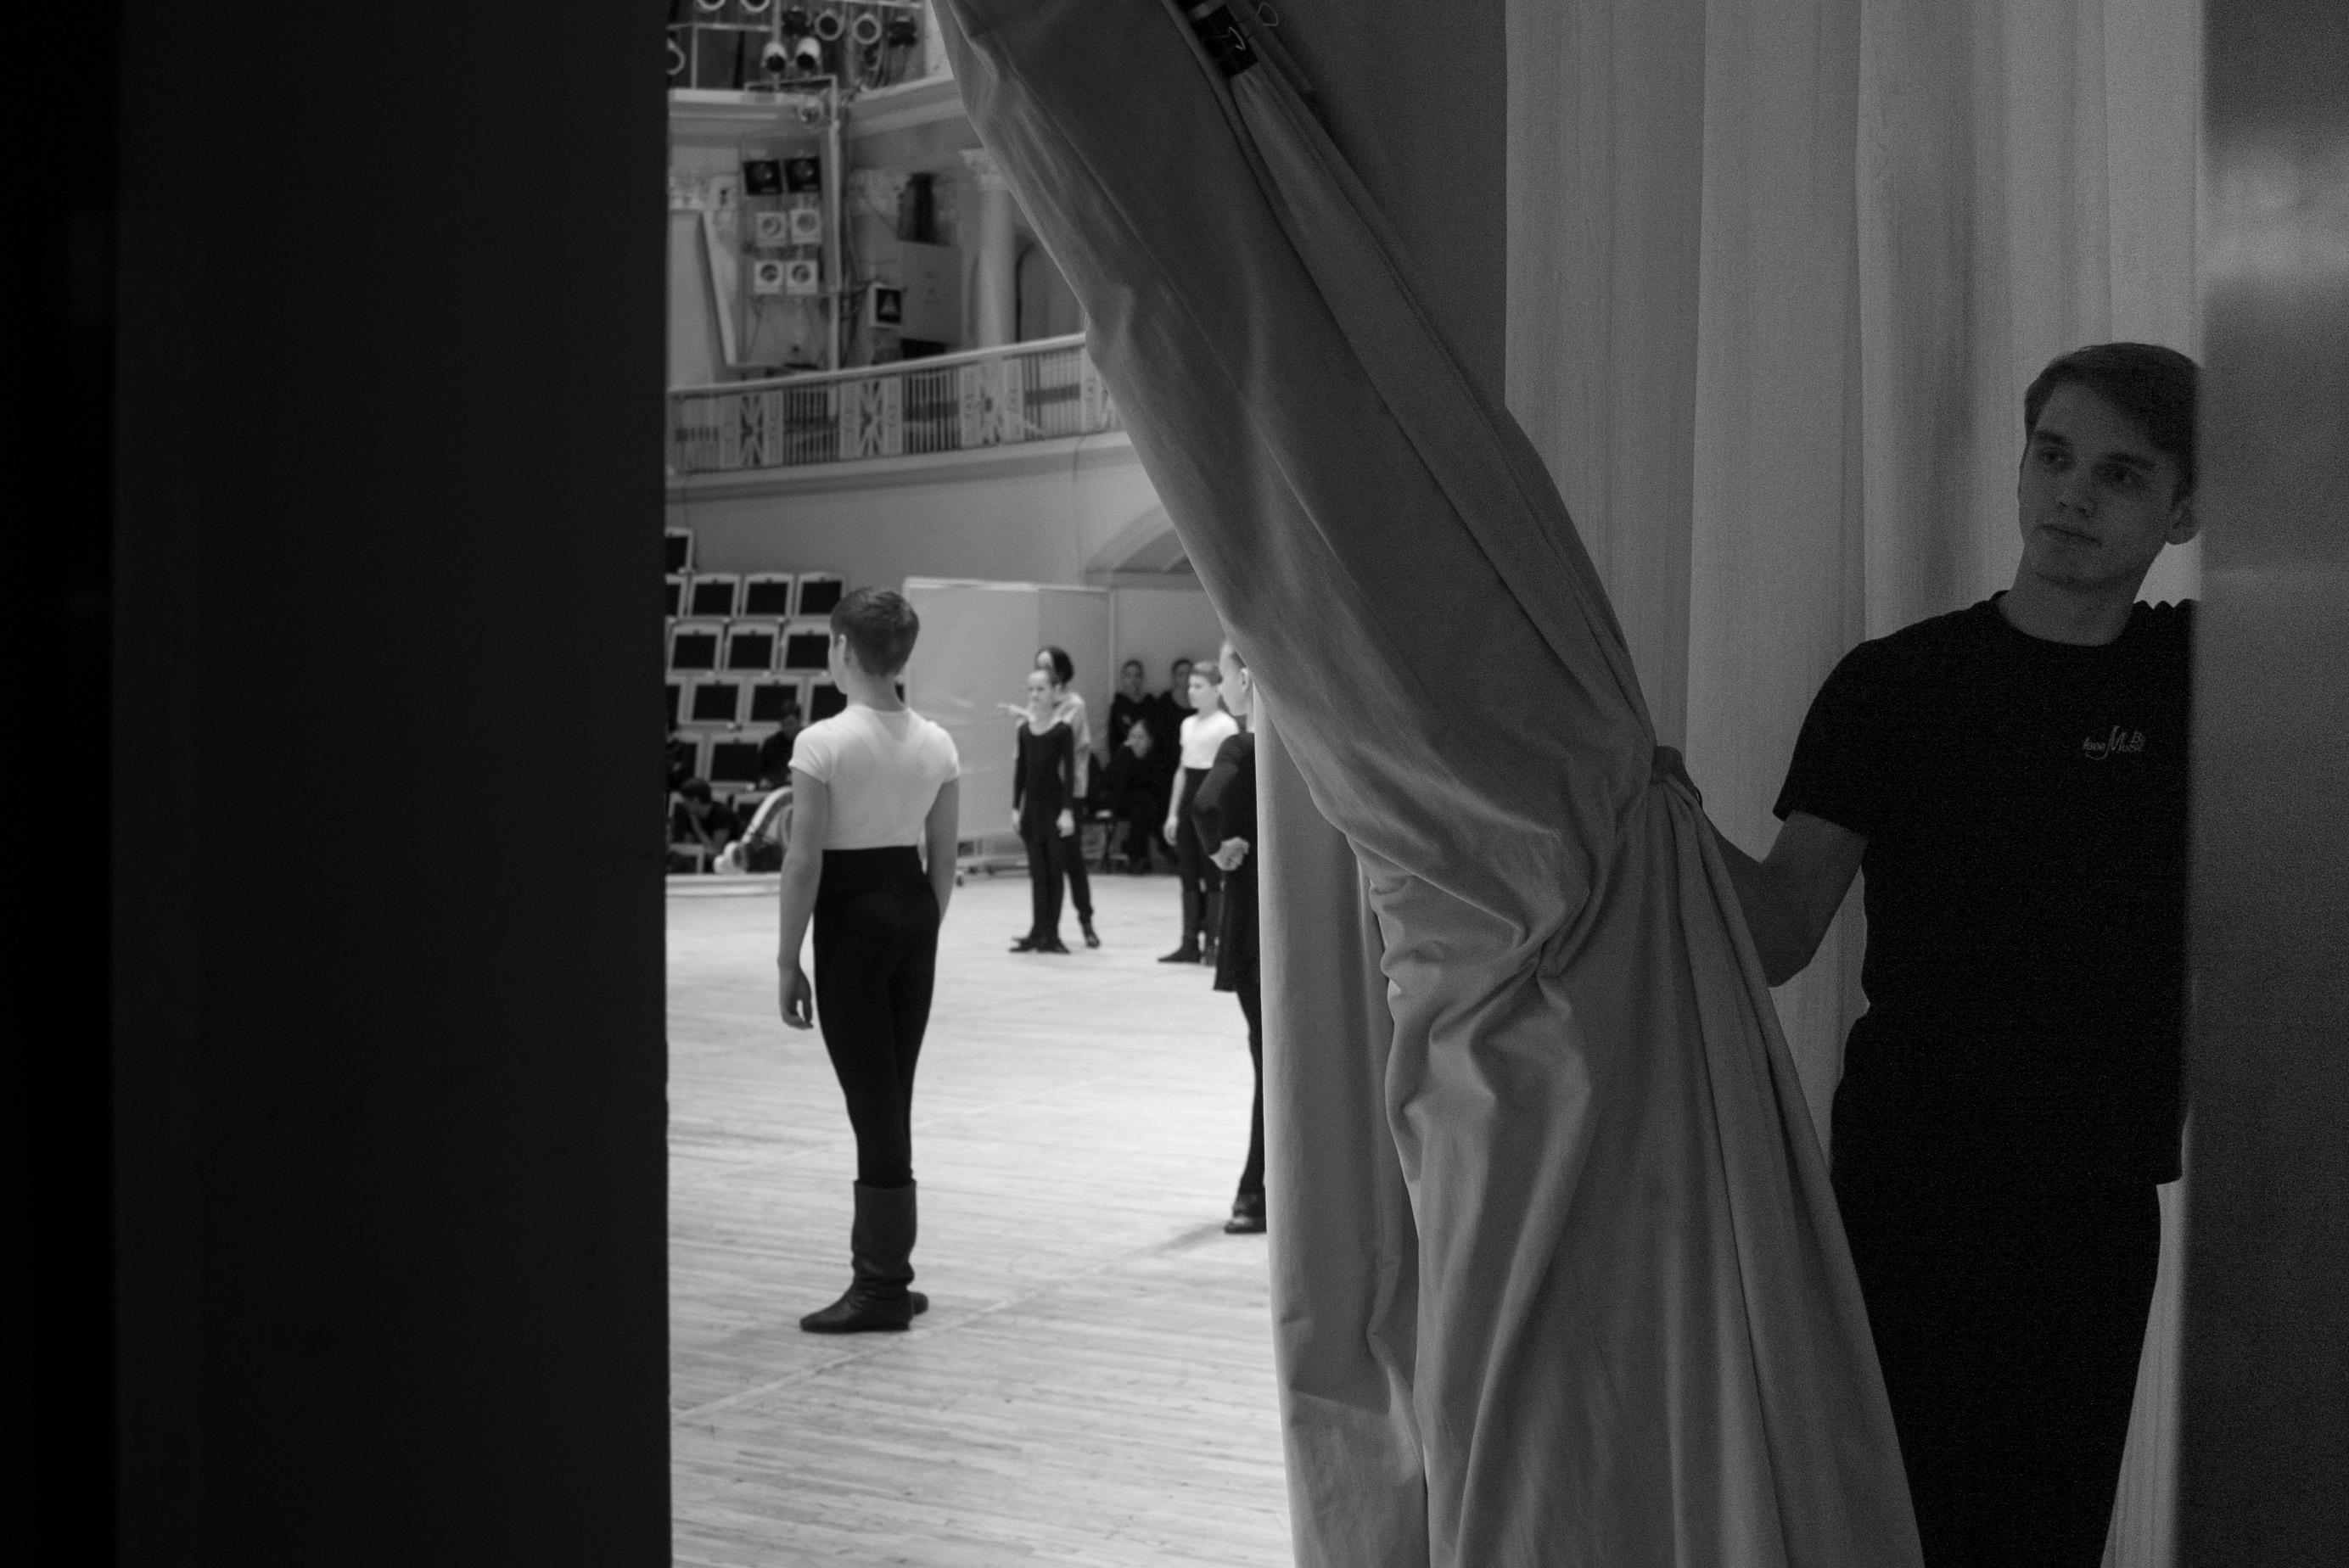 Dietro le quinte di un balletto portato in scena sulla coreografia di Igor Moiseev.